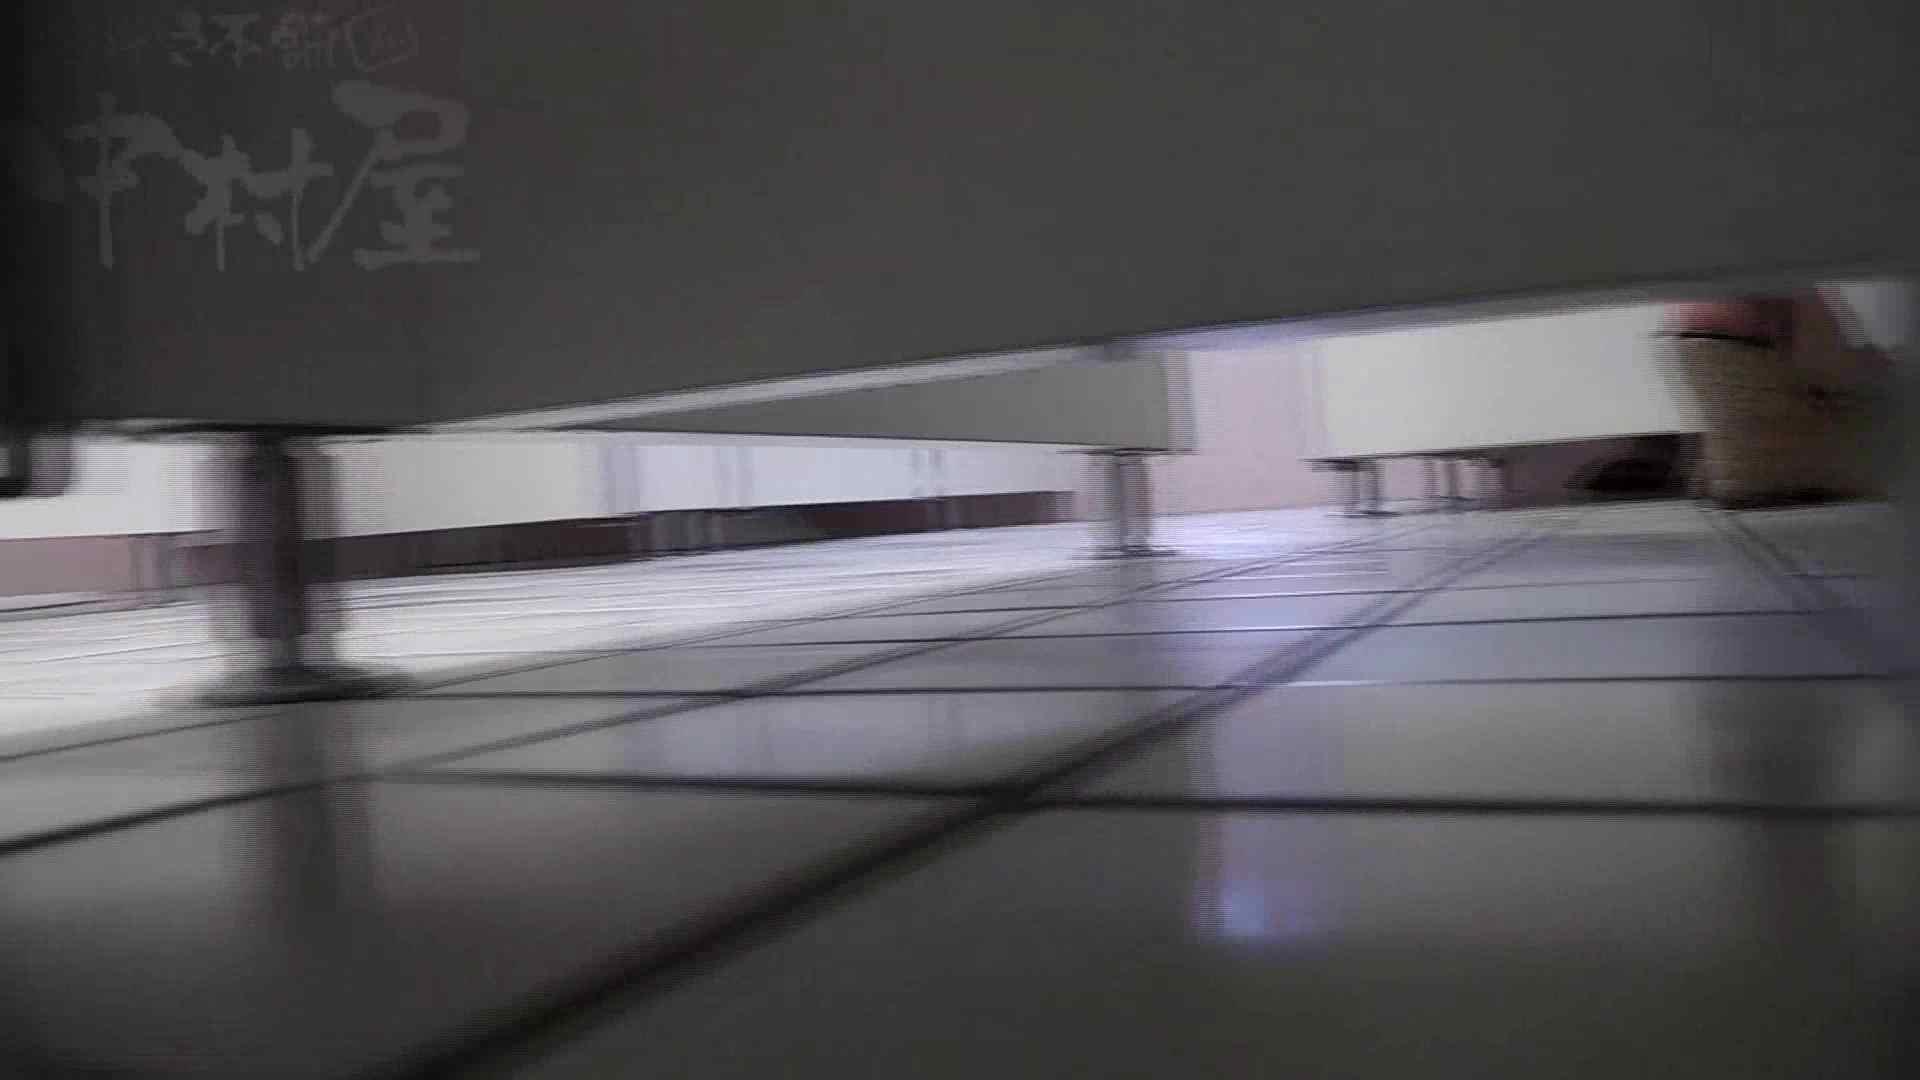 美しい日本の未来 No.25 「22」に登場した子がまさかの大で再登場!! 乙女のエロ動画 すけべAV動画紹介 102PIX 101